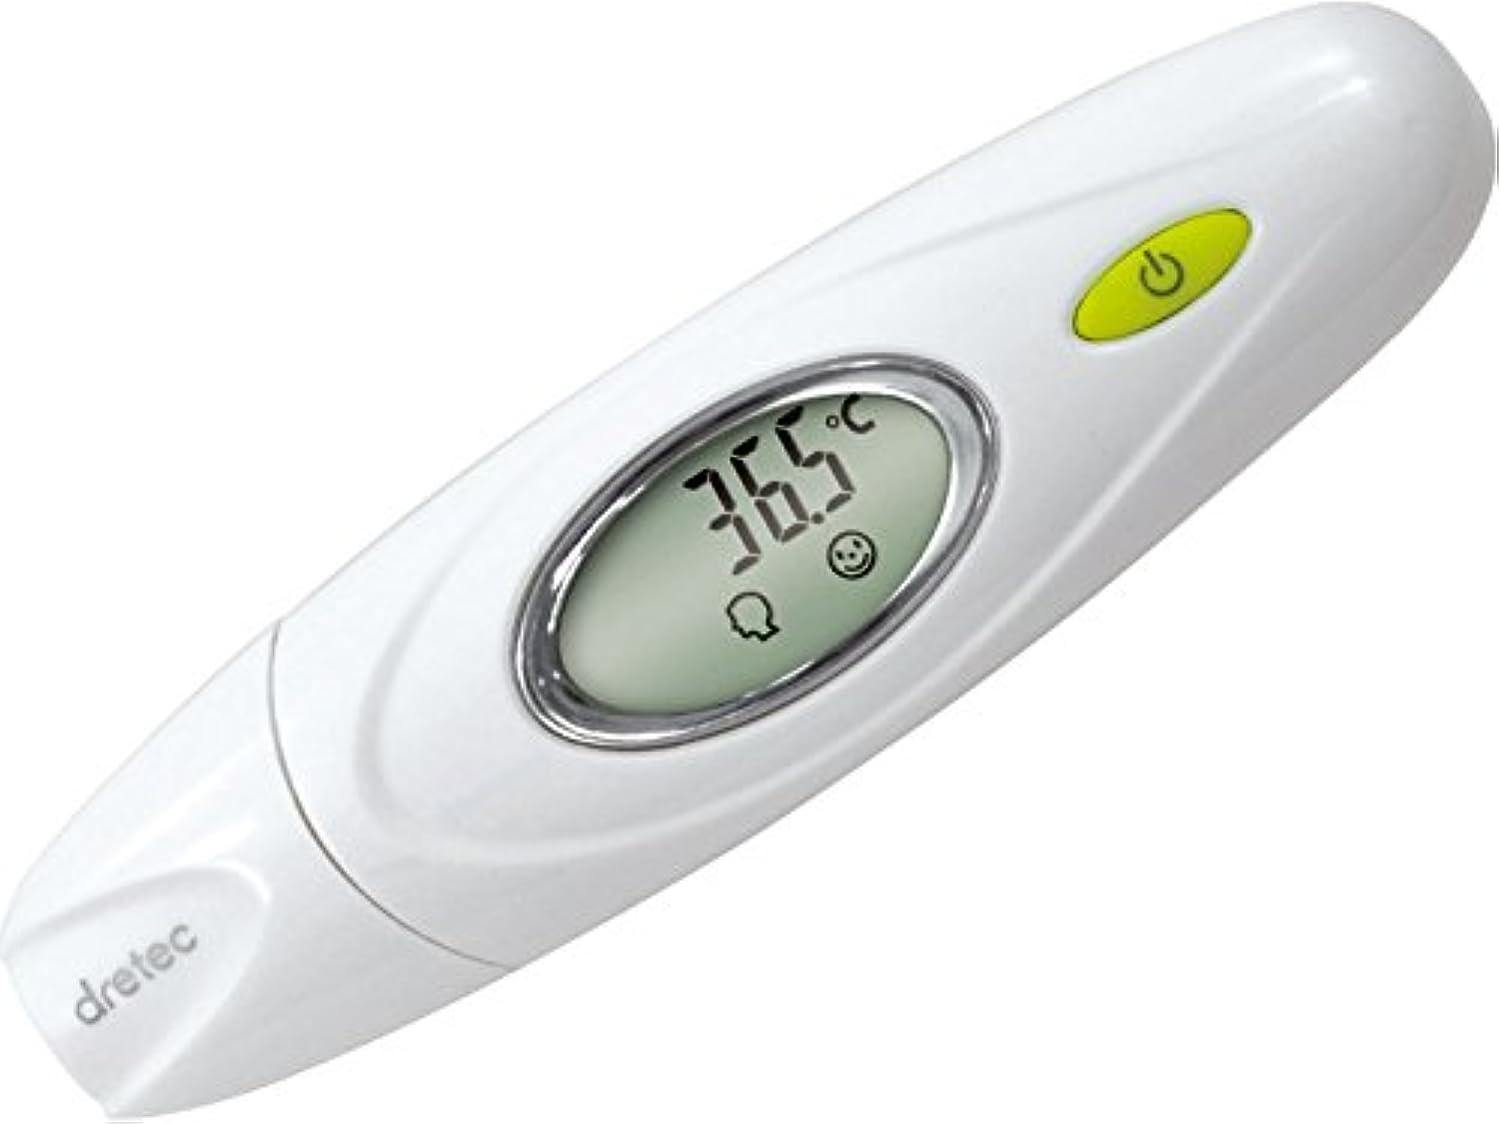 根絶するクランシー静けさdretec(ドリテック) 体温計 赤外線 赤ちゃん お年寄り 検温時間2秒 おでこ 耳 TO-300WT (ホワイト)